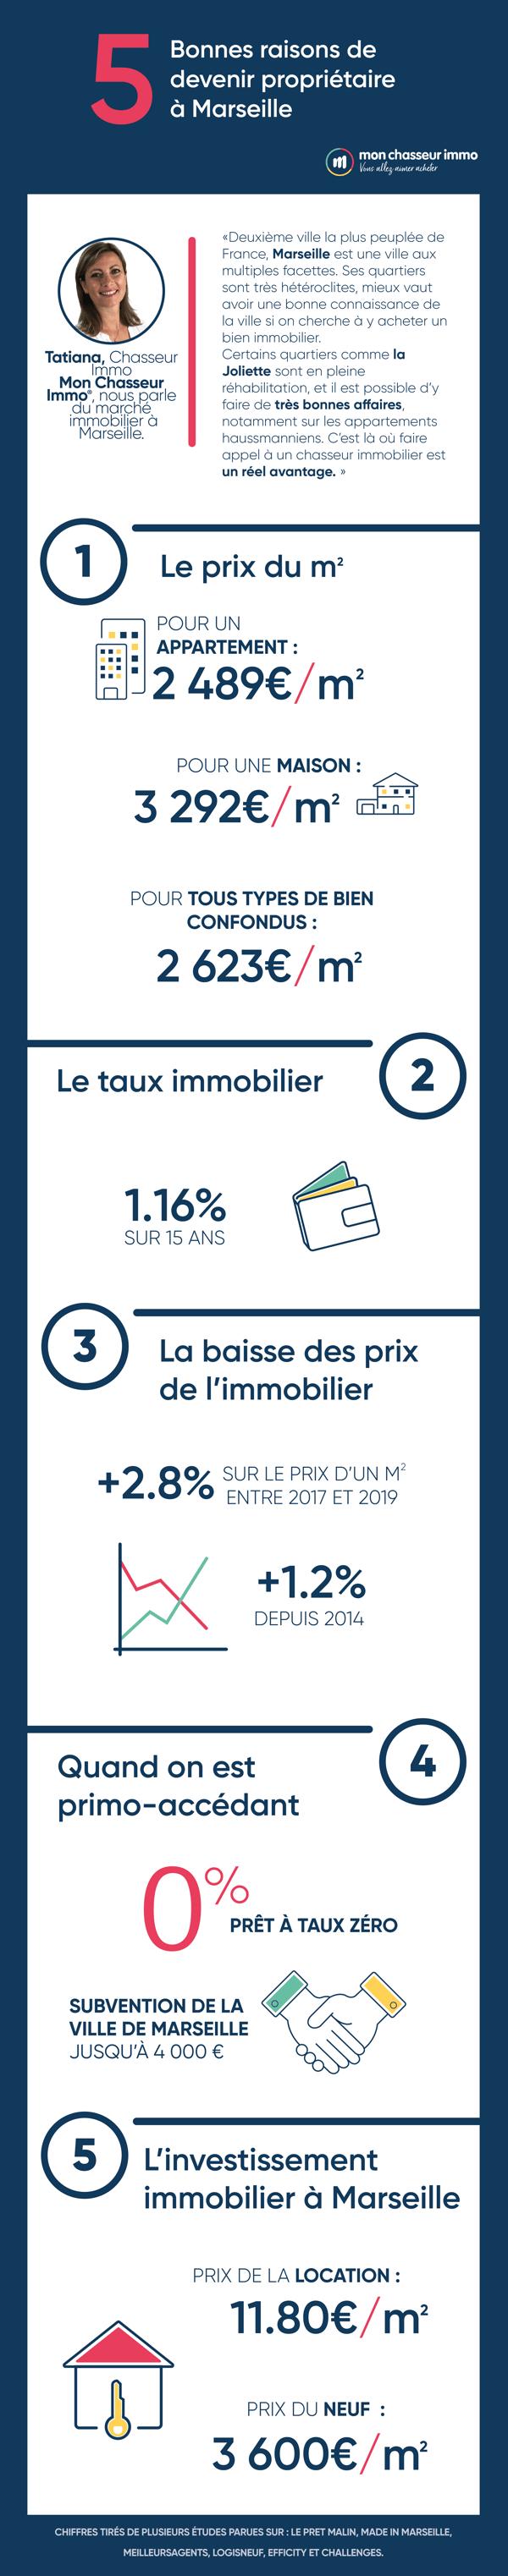 5 bonnes raisons de devenir propriétaire à Marseille